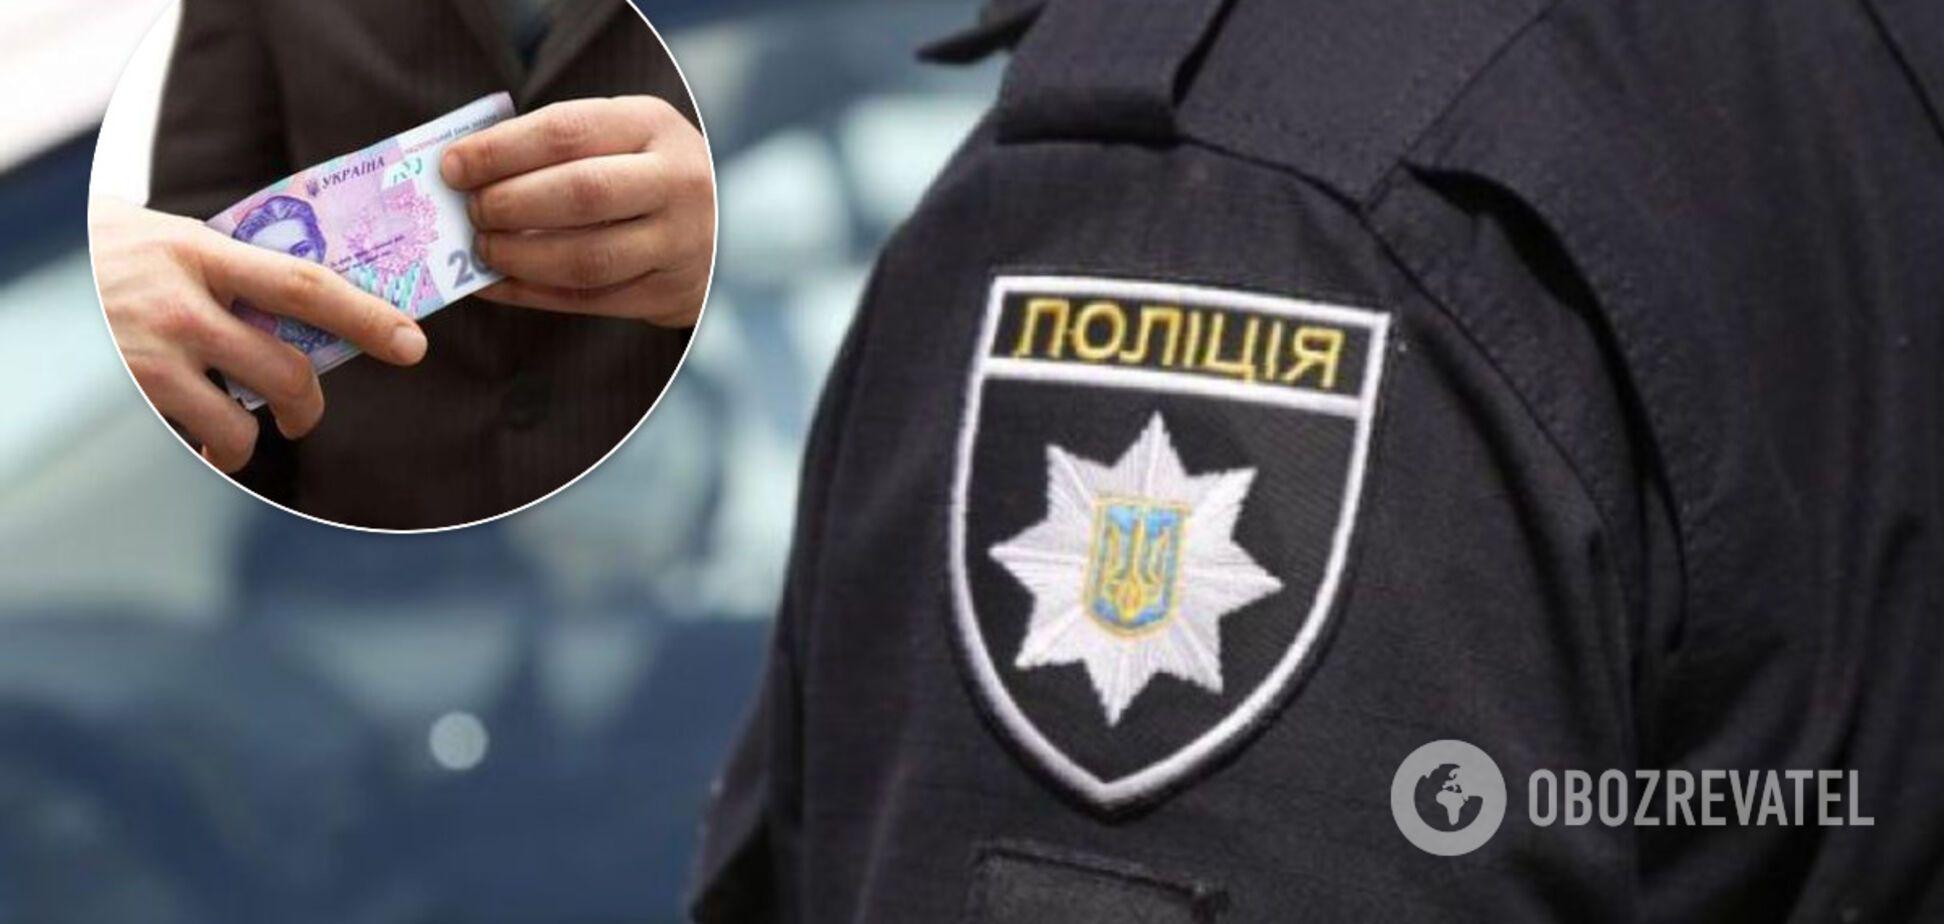 На Київщині поліцейський спіймався на хабарі. Ілюстрація